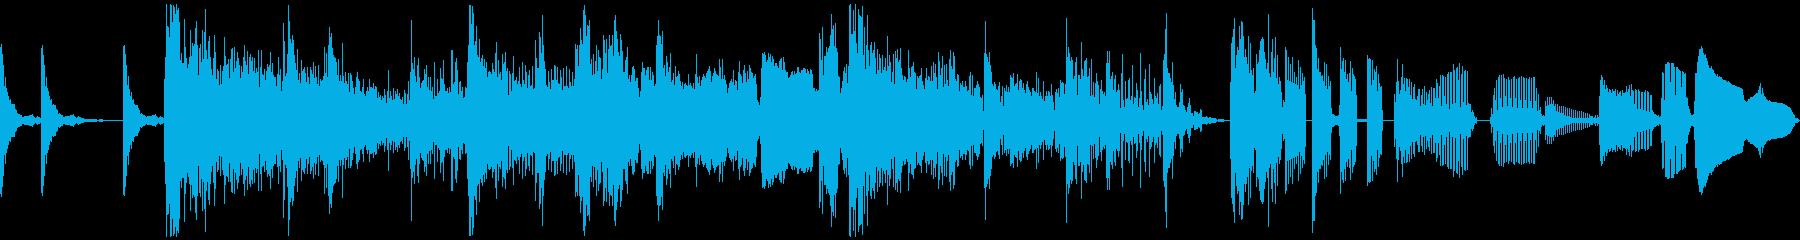 ラジオジングル、サックス、ファンクの再生済みの波形